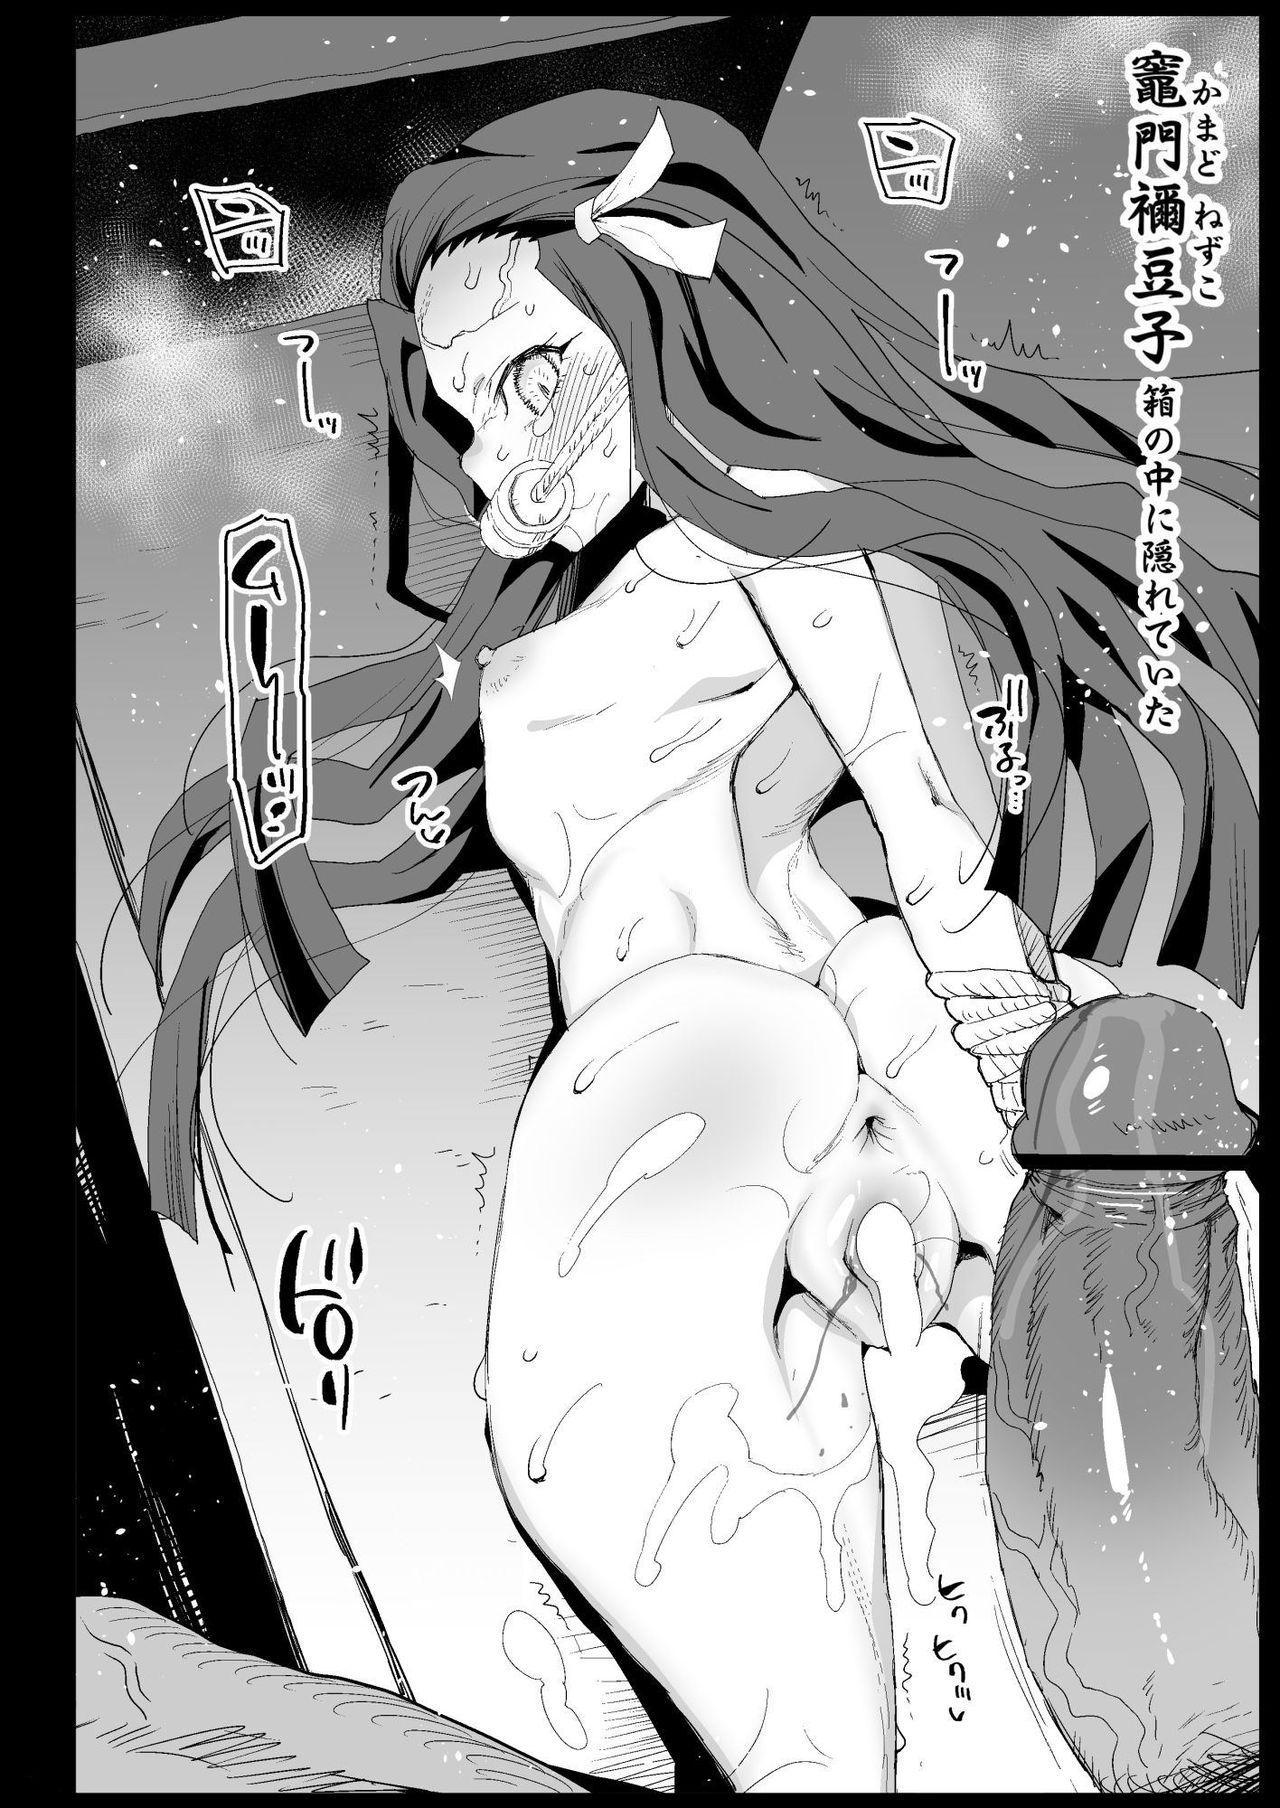 Kana o muhyōjō kan - RAPE OF DEMON SLAYER 3 41